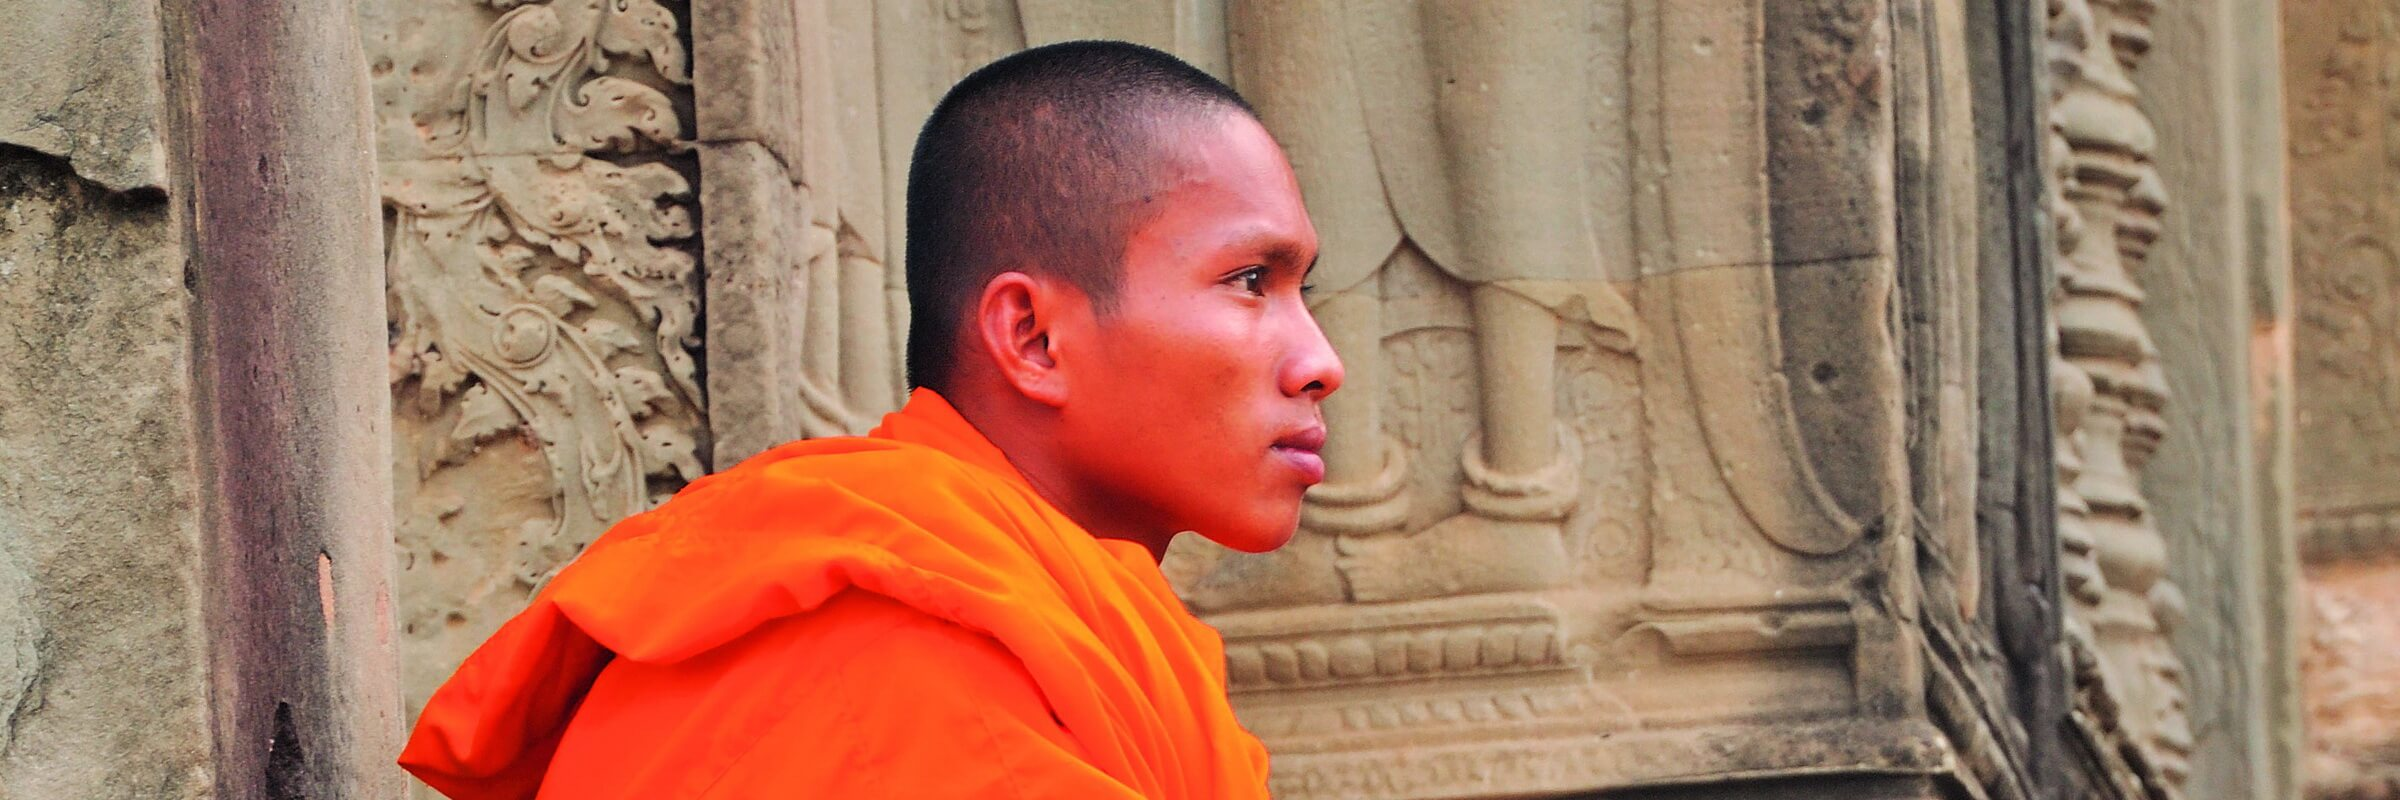 Angkor Wat ist nicht nur ein beliebtes Ziel unter Reisenden, sondern auch ein wichtiger Ort für Pilgerfahrten.